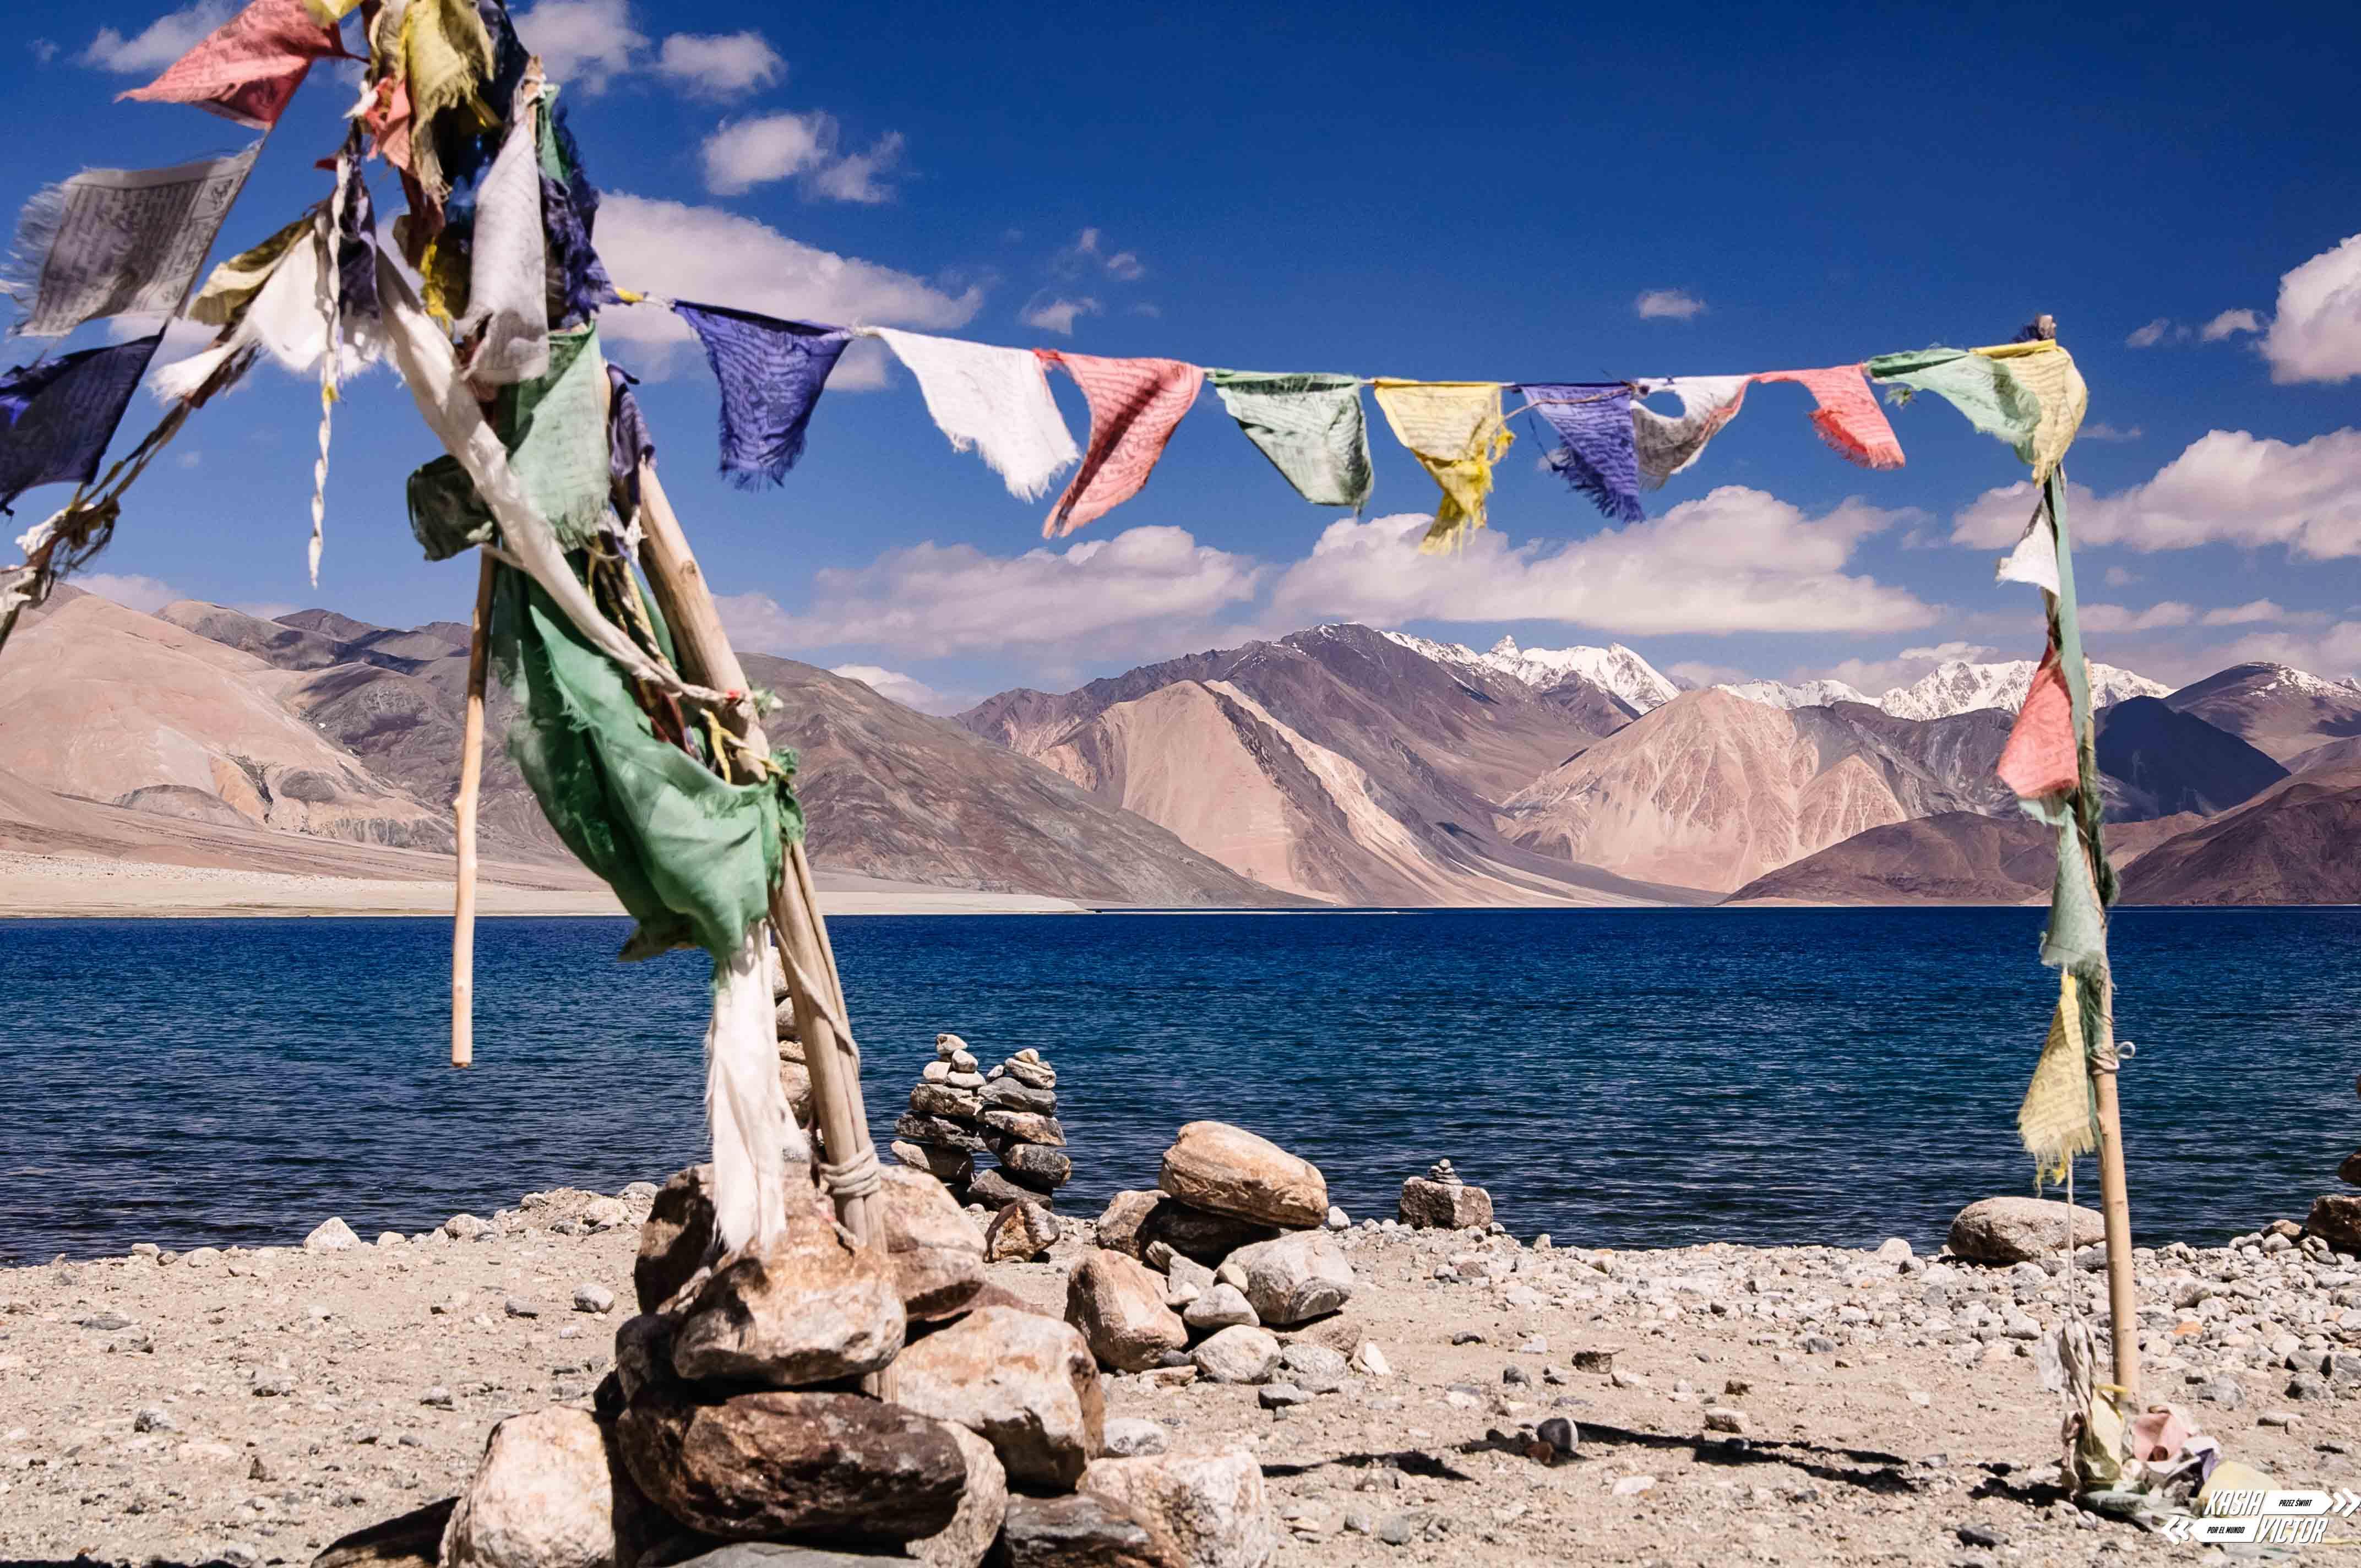 Guía Práctica De Ladakh – ¿Qué Ver, Dónde Dormir Y Comer, Cómo Ir?